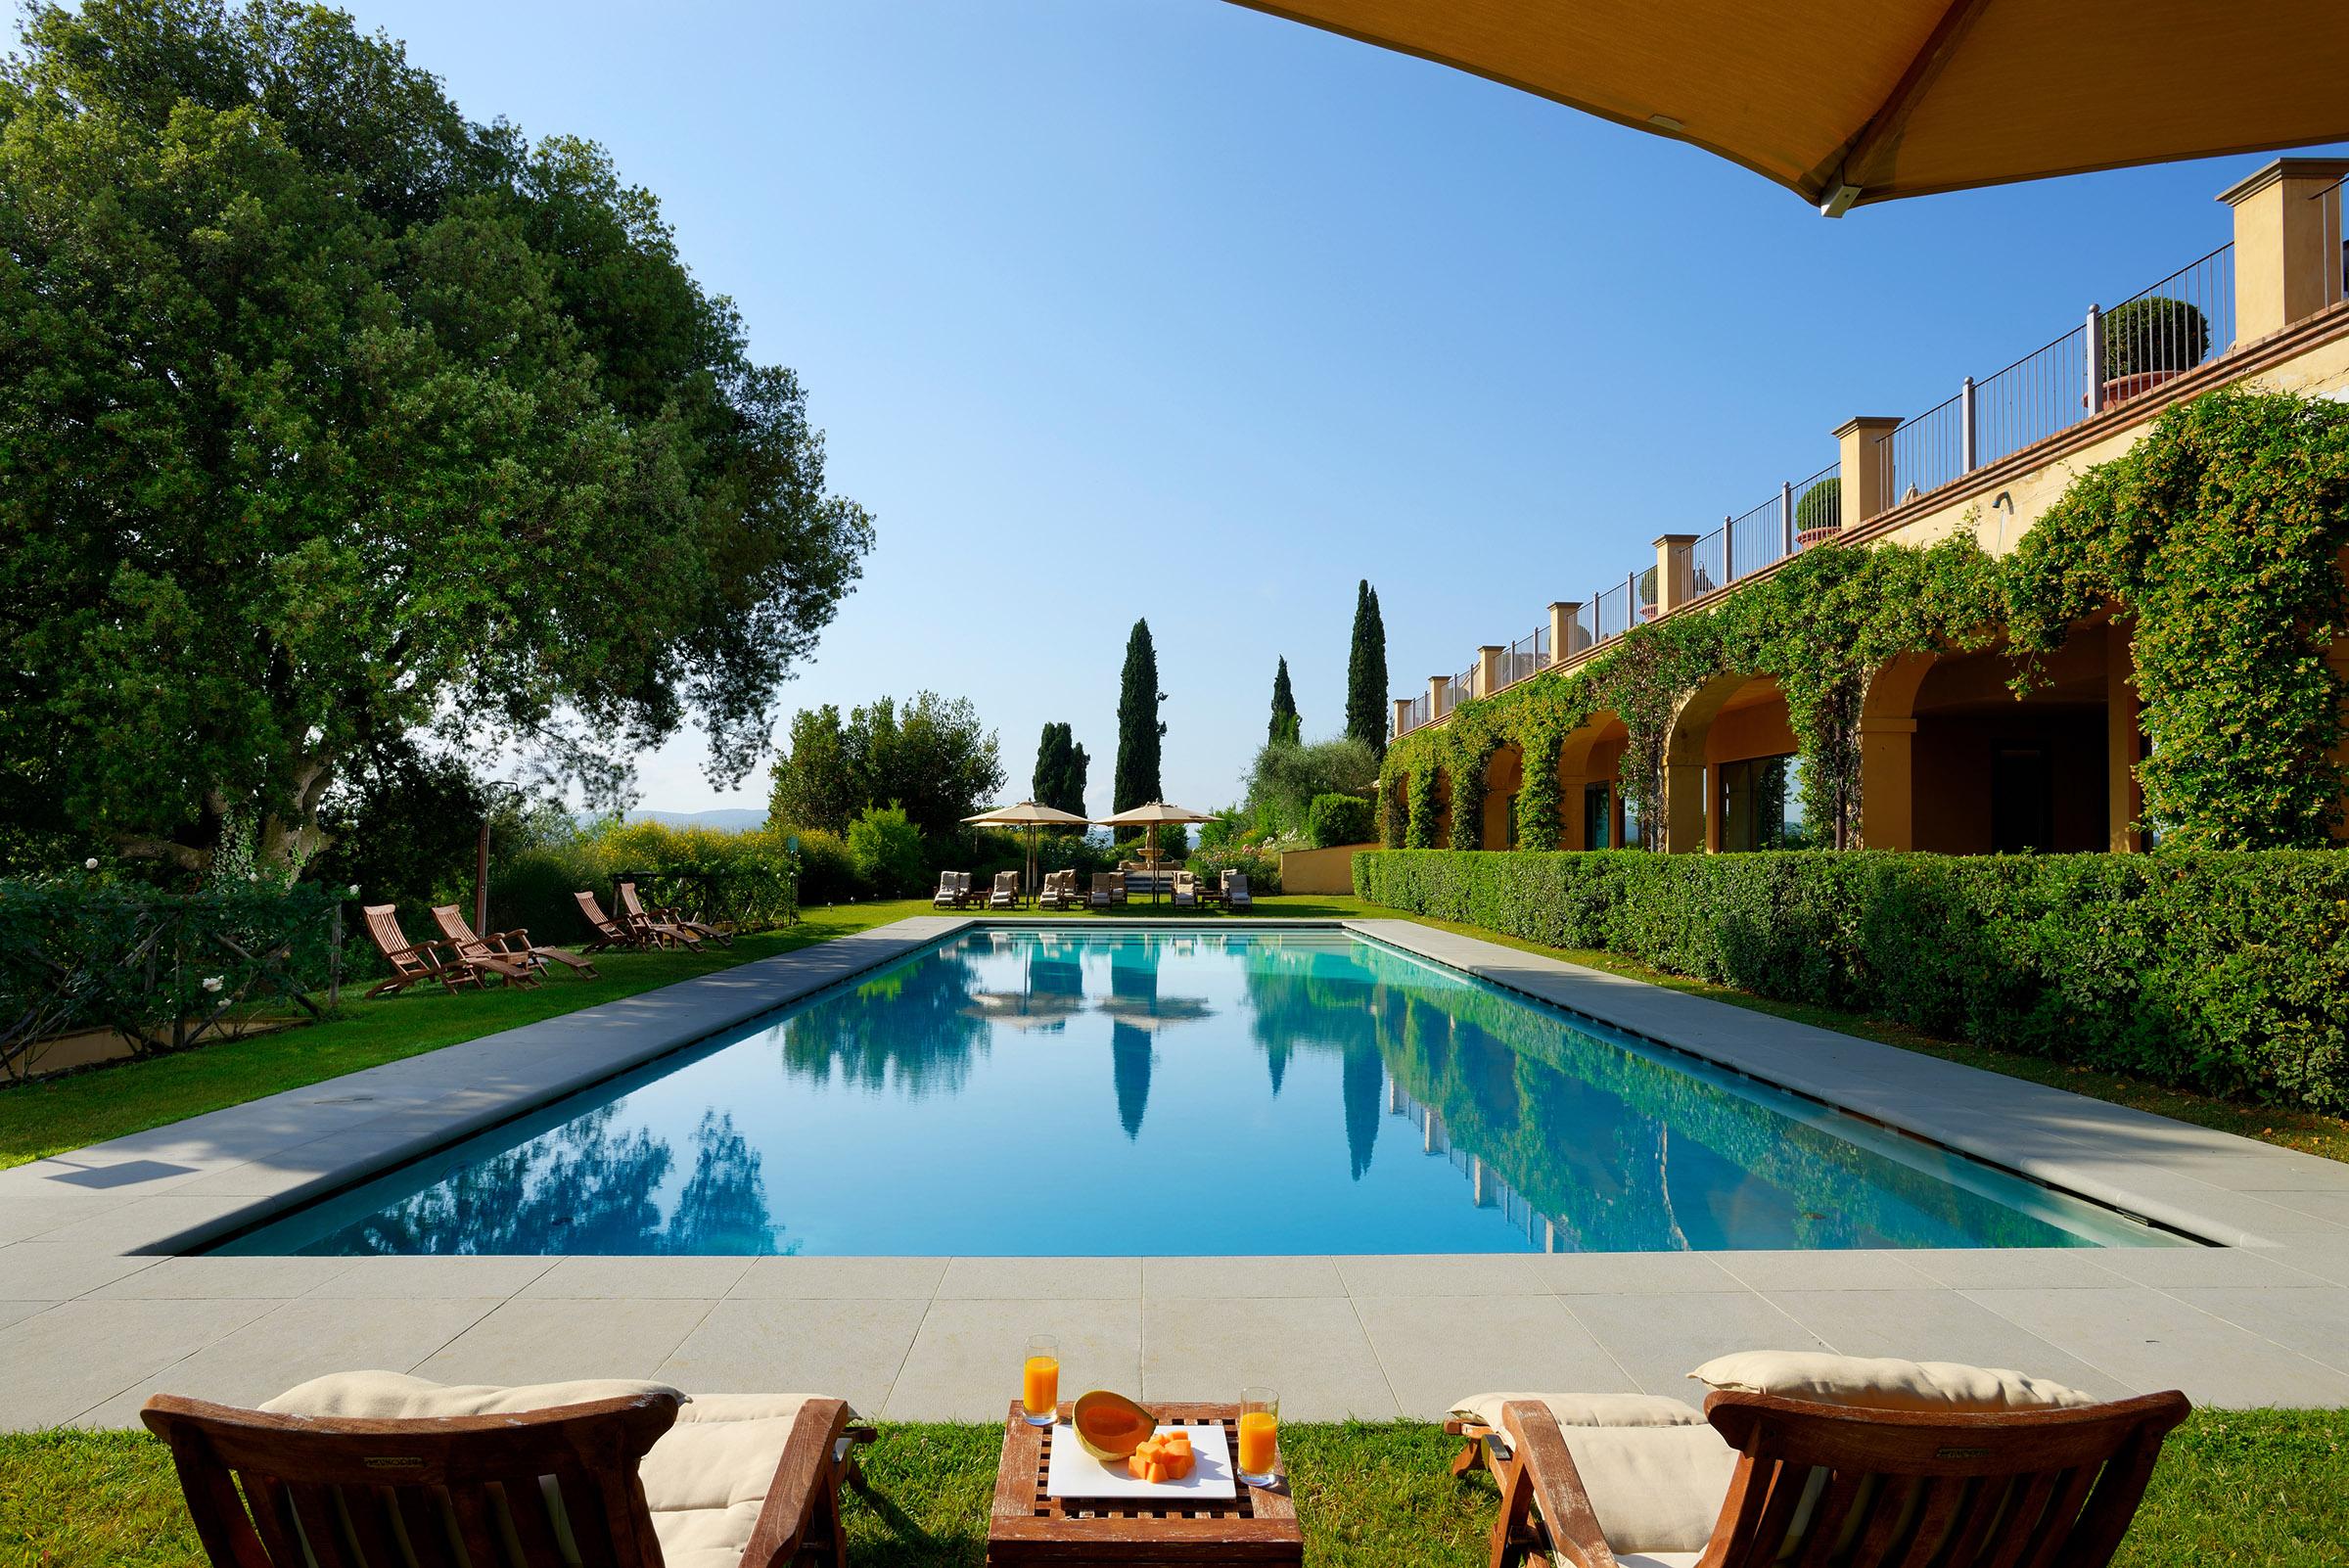 Castello Del Nero outdoor pool.